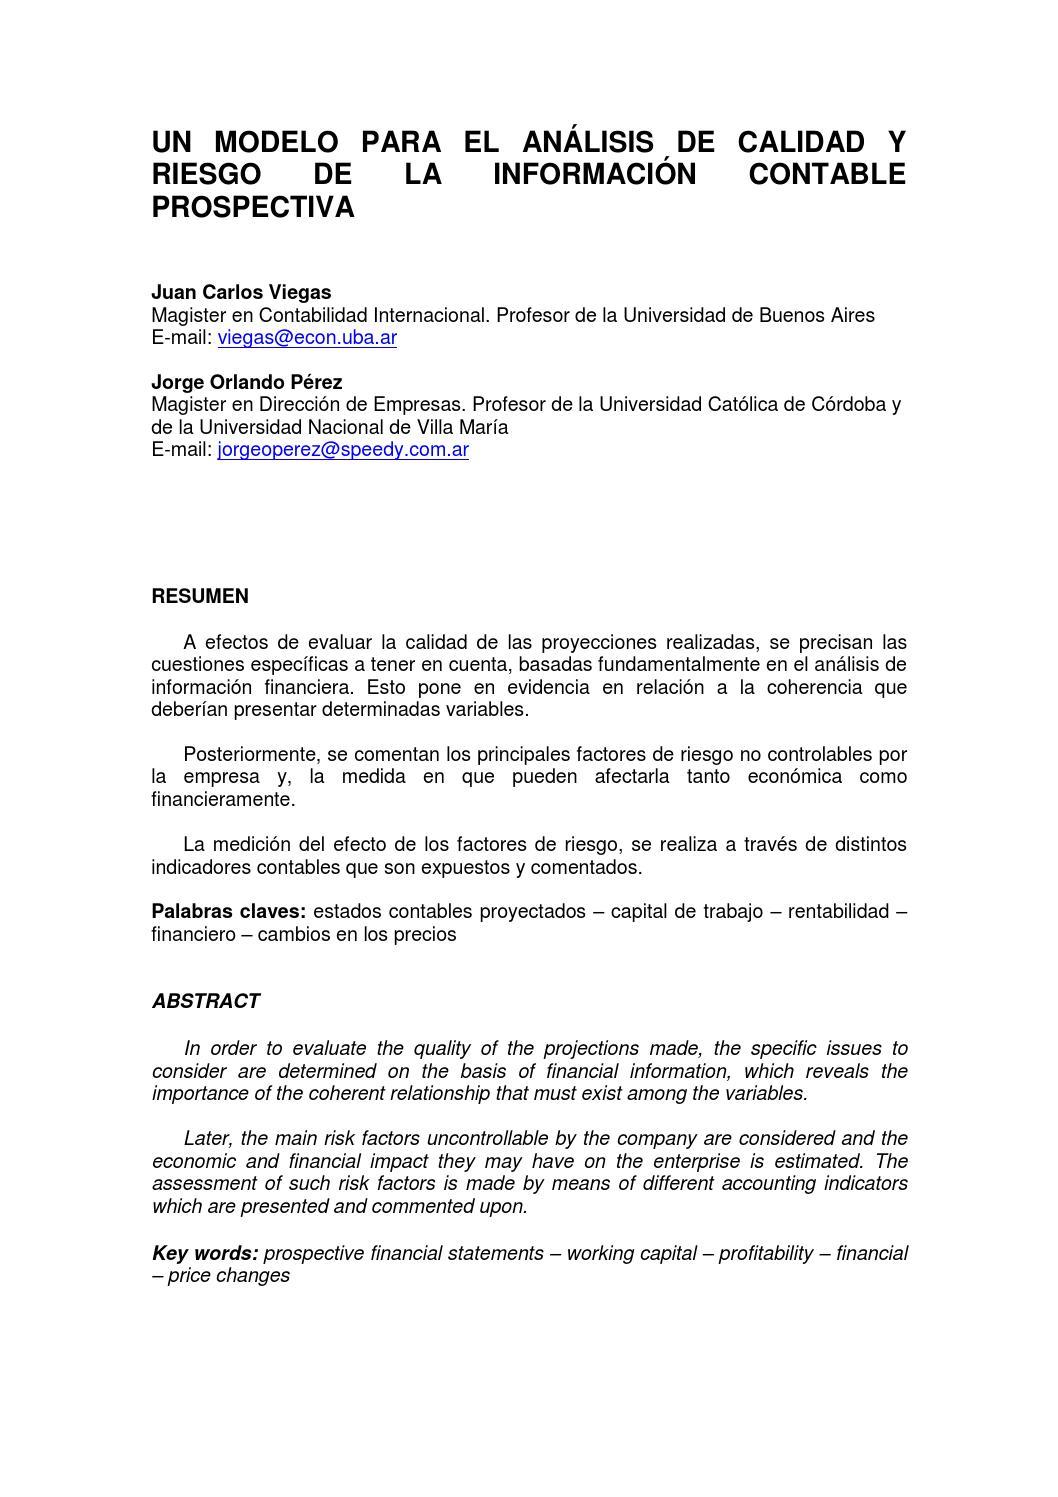 Contabilidad y Decisiones Nro. 1 by contabilidad.decisiones - issuu